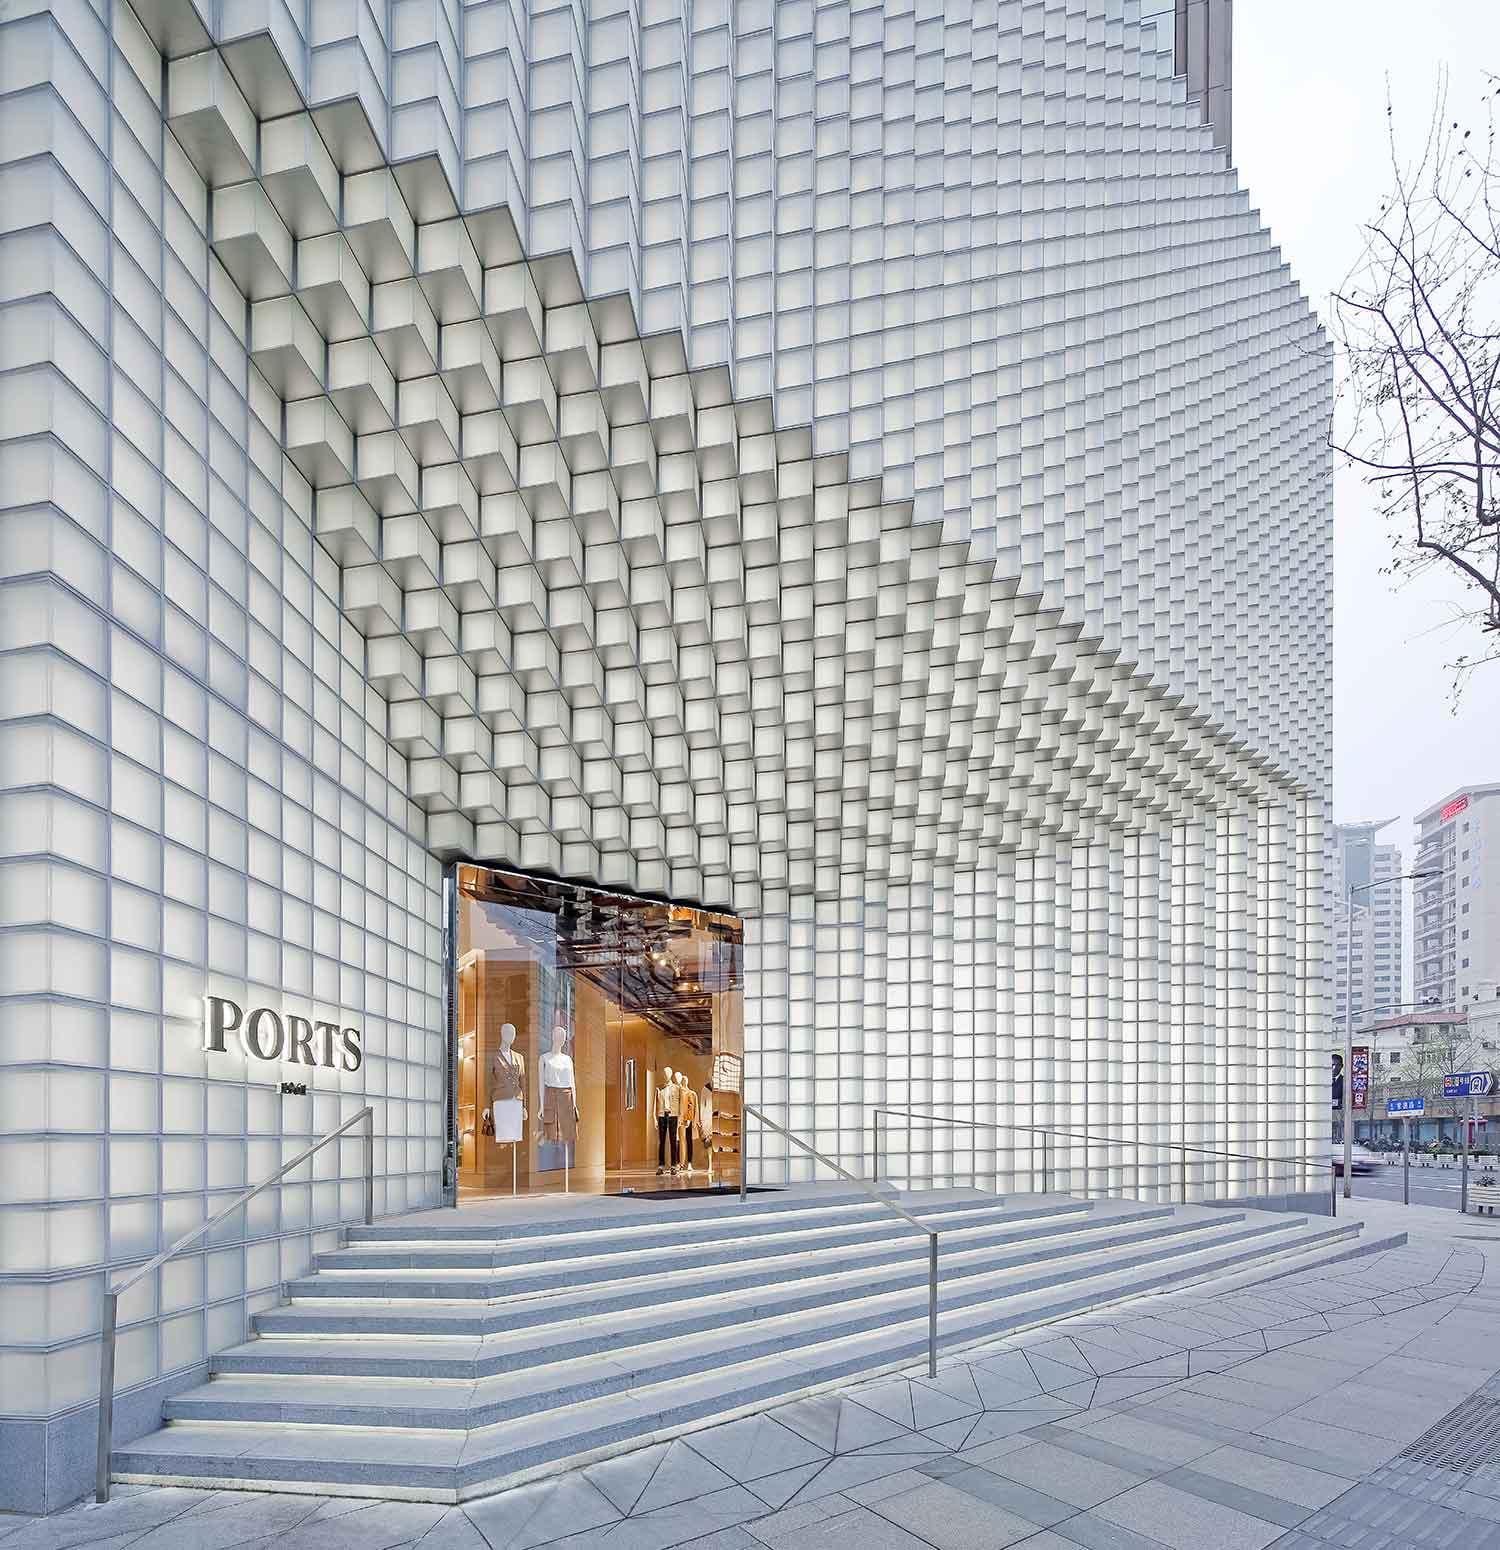 Ốp mặt tiền Trung tâm thương mại bằng gạch kính